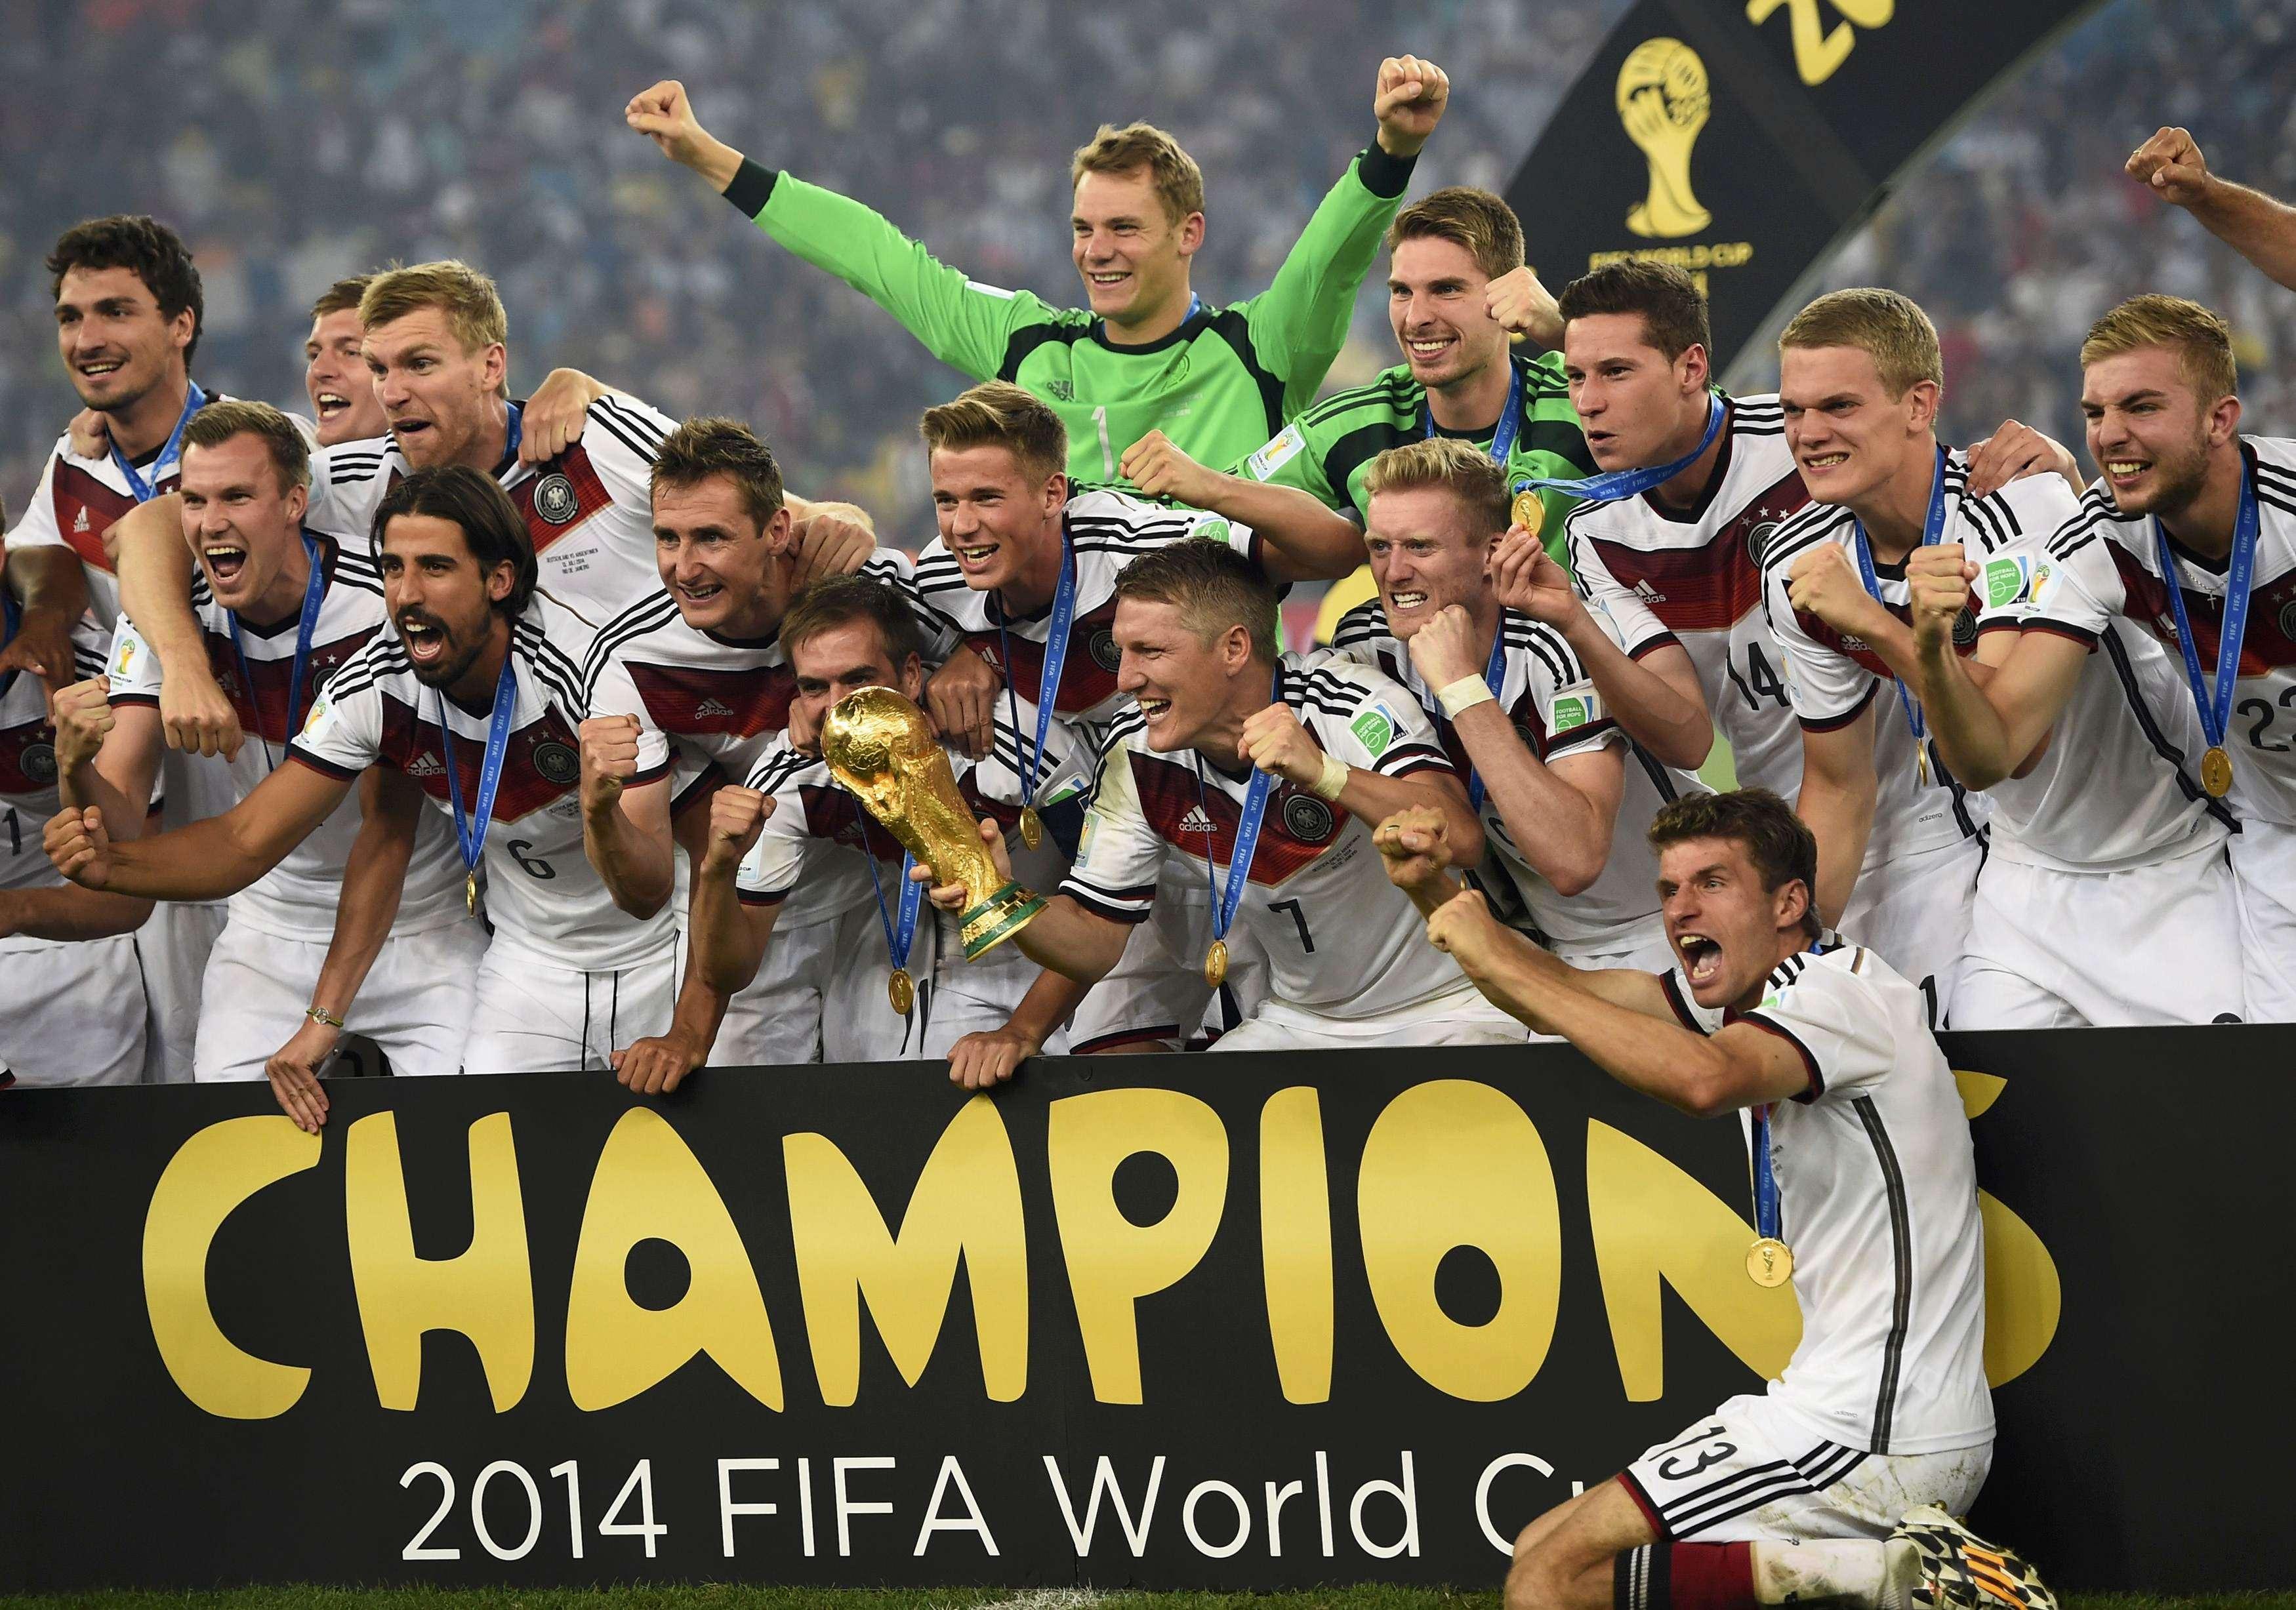 Alemania, nuevo líder del ránking FIFA tras ganar el Mundial